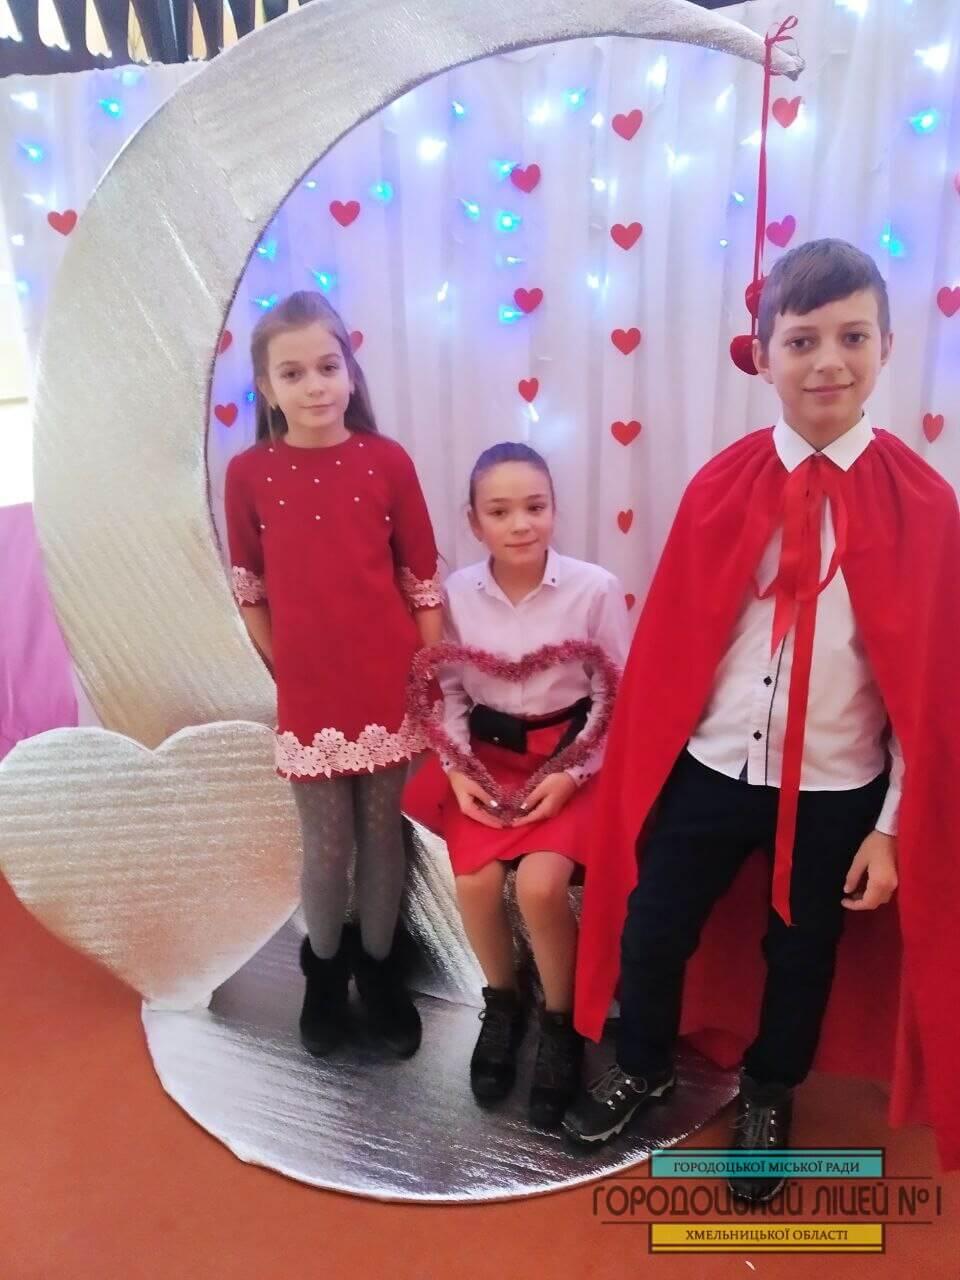 zobrazhennya viber 2021 02 12 14 13 51 - Все  починається з любові...